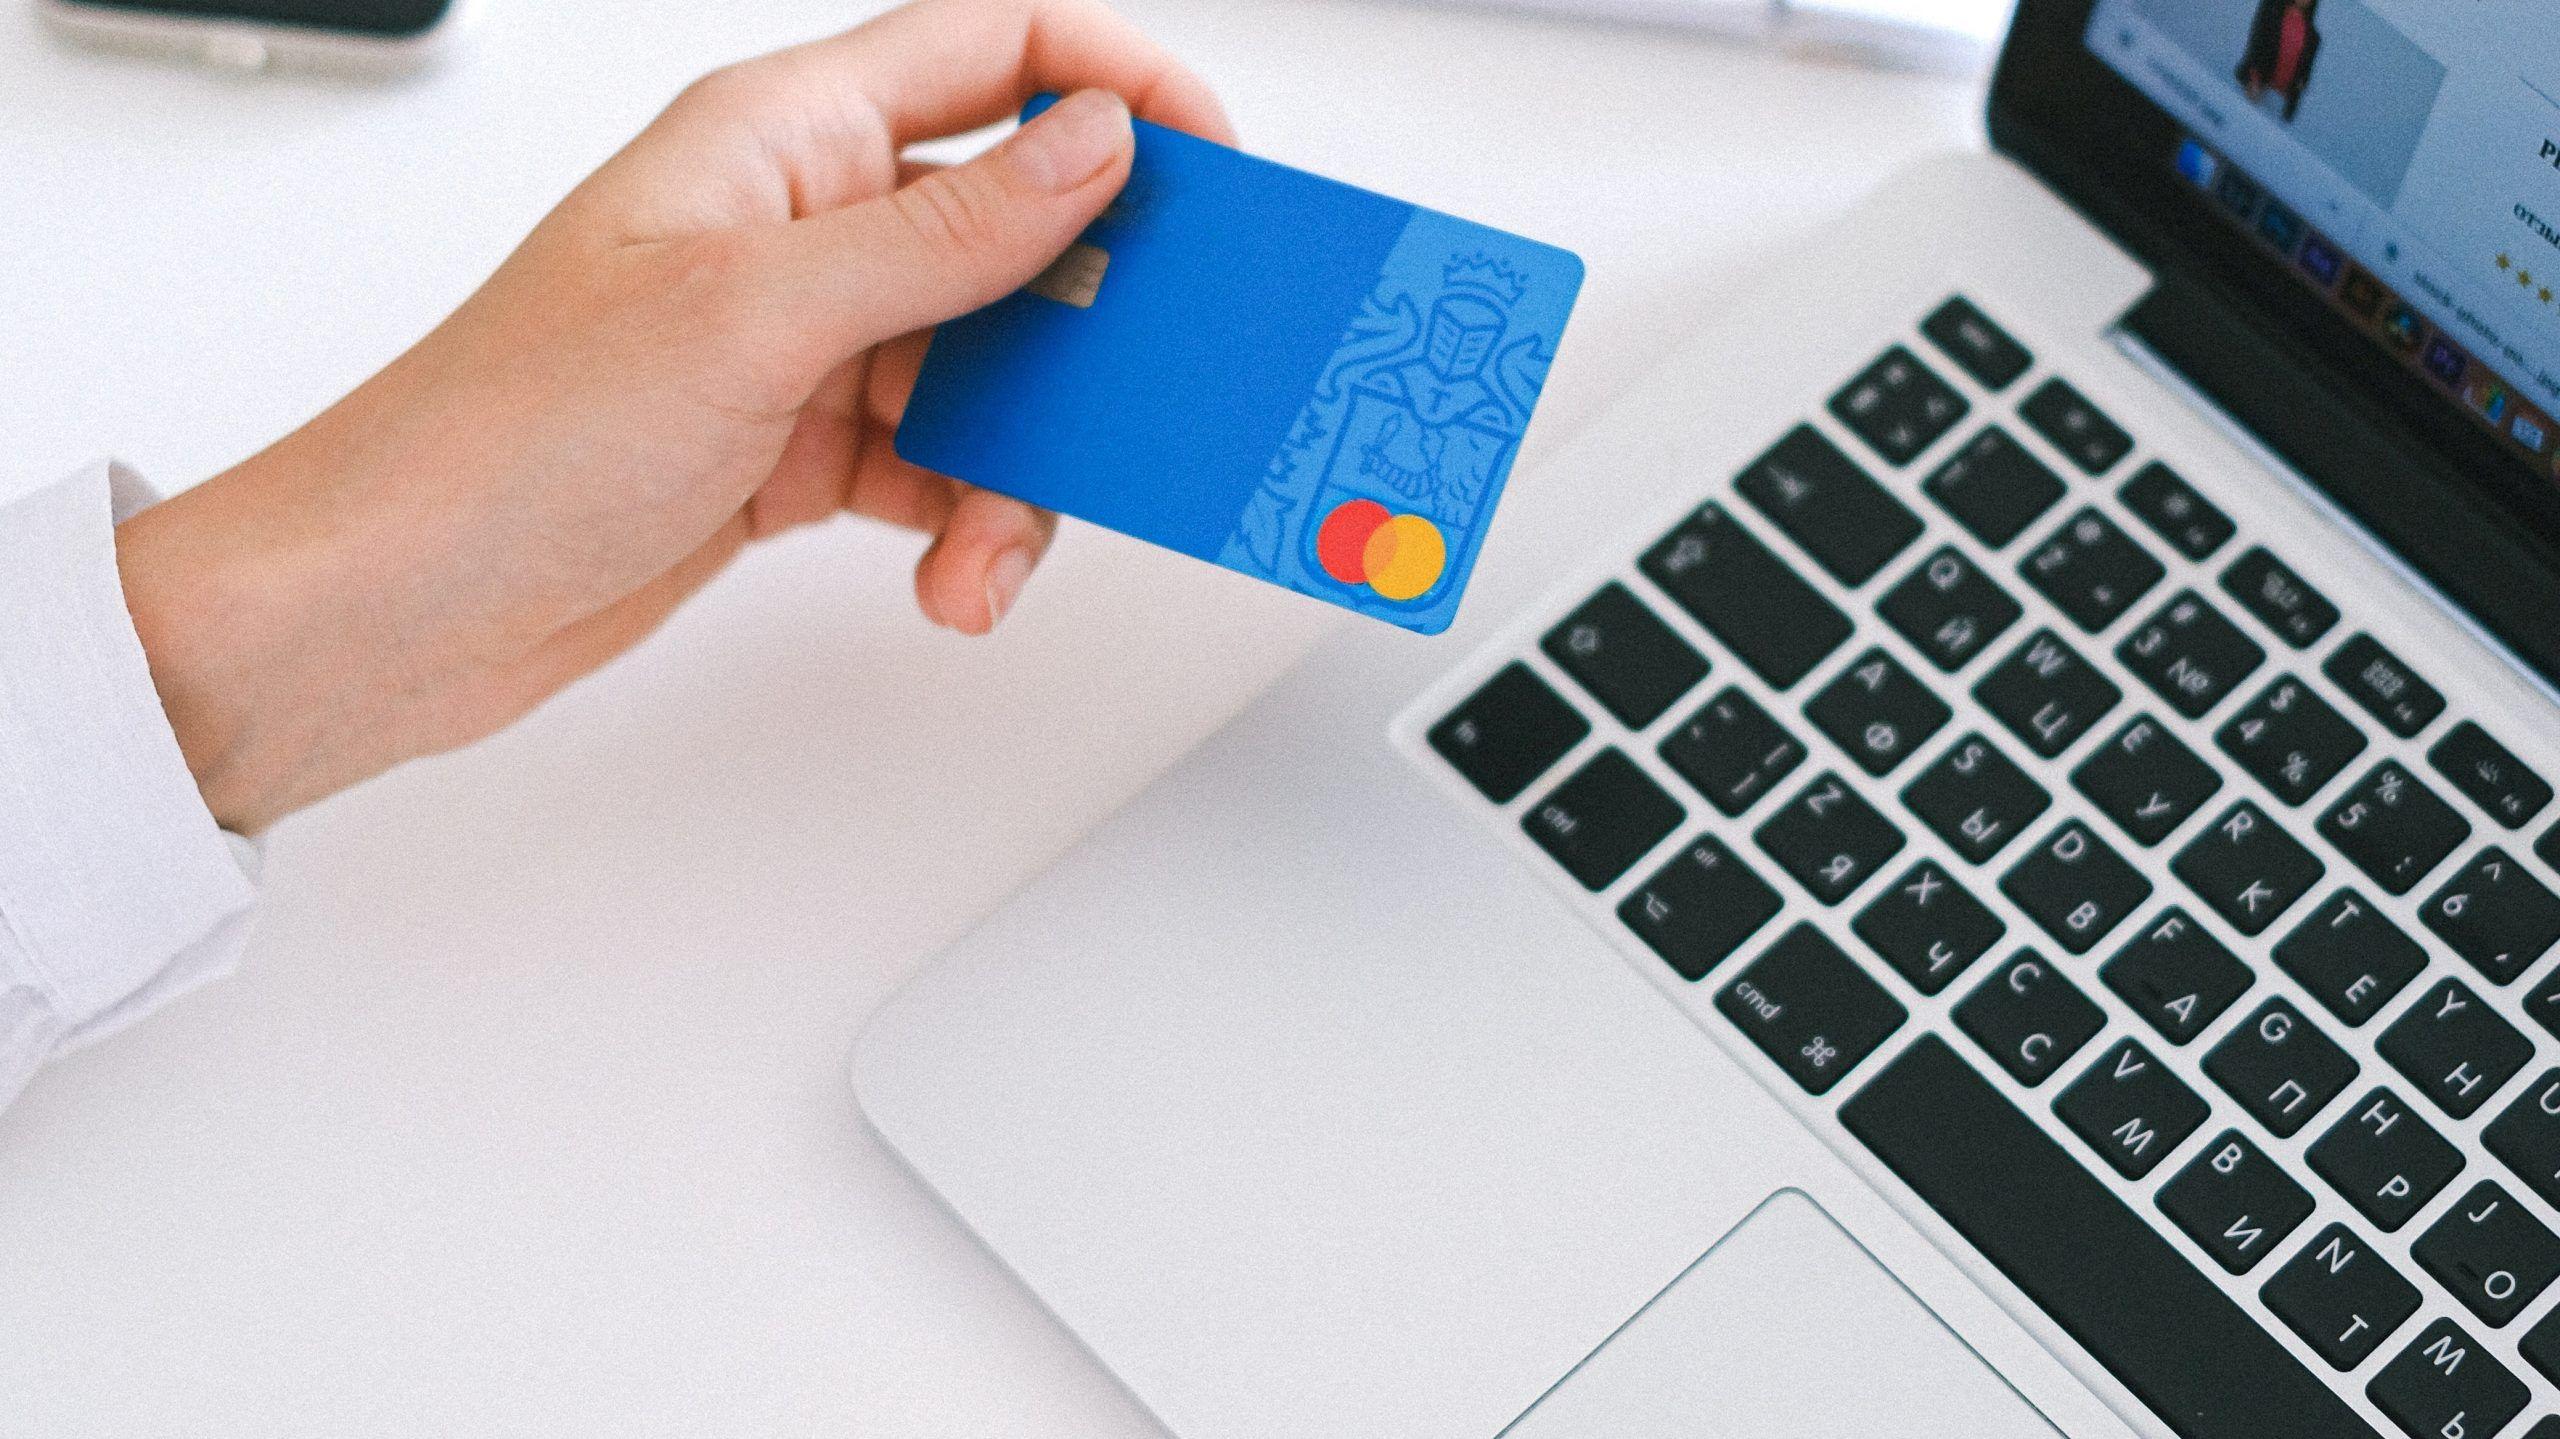 Compras por Internet: 20 consejos para compras online seguras